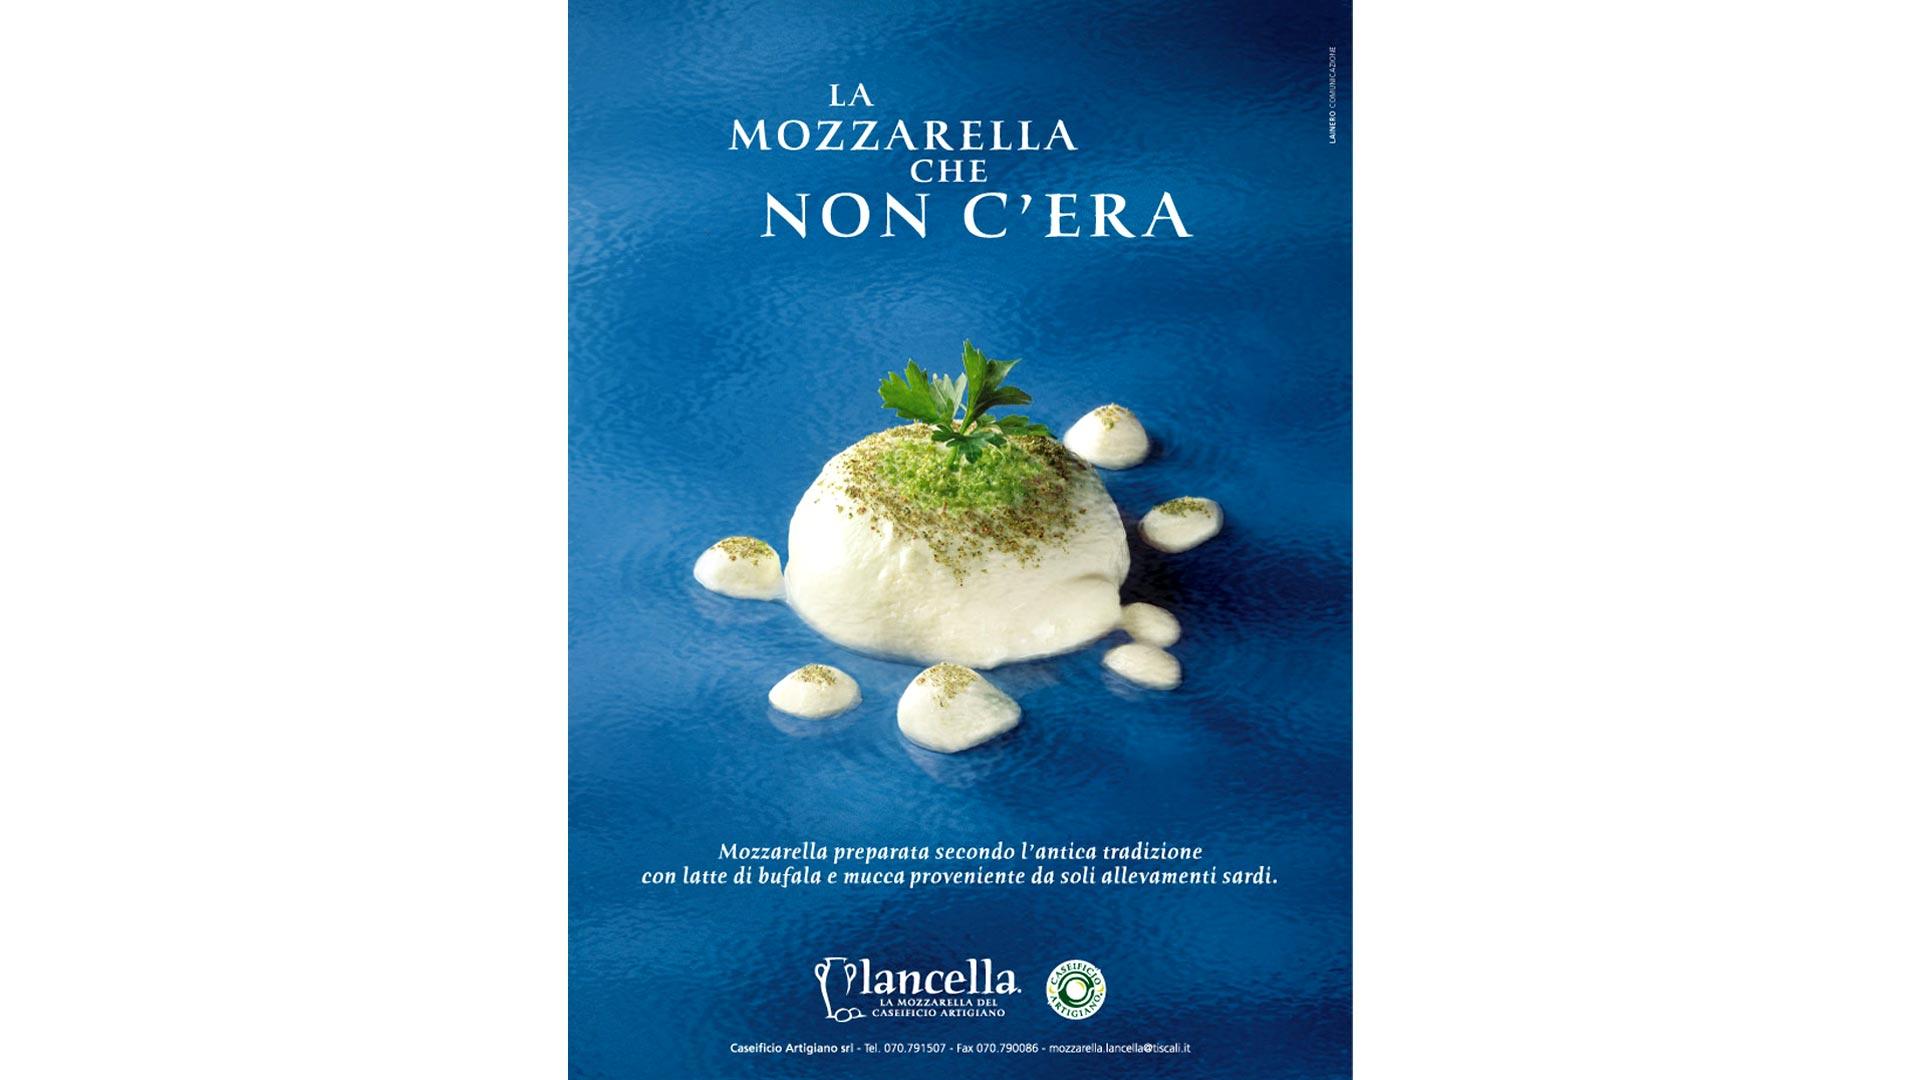 Mozzarella Lancella